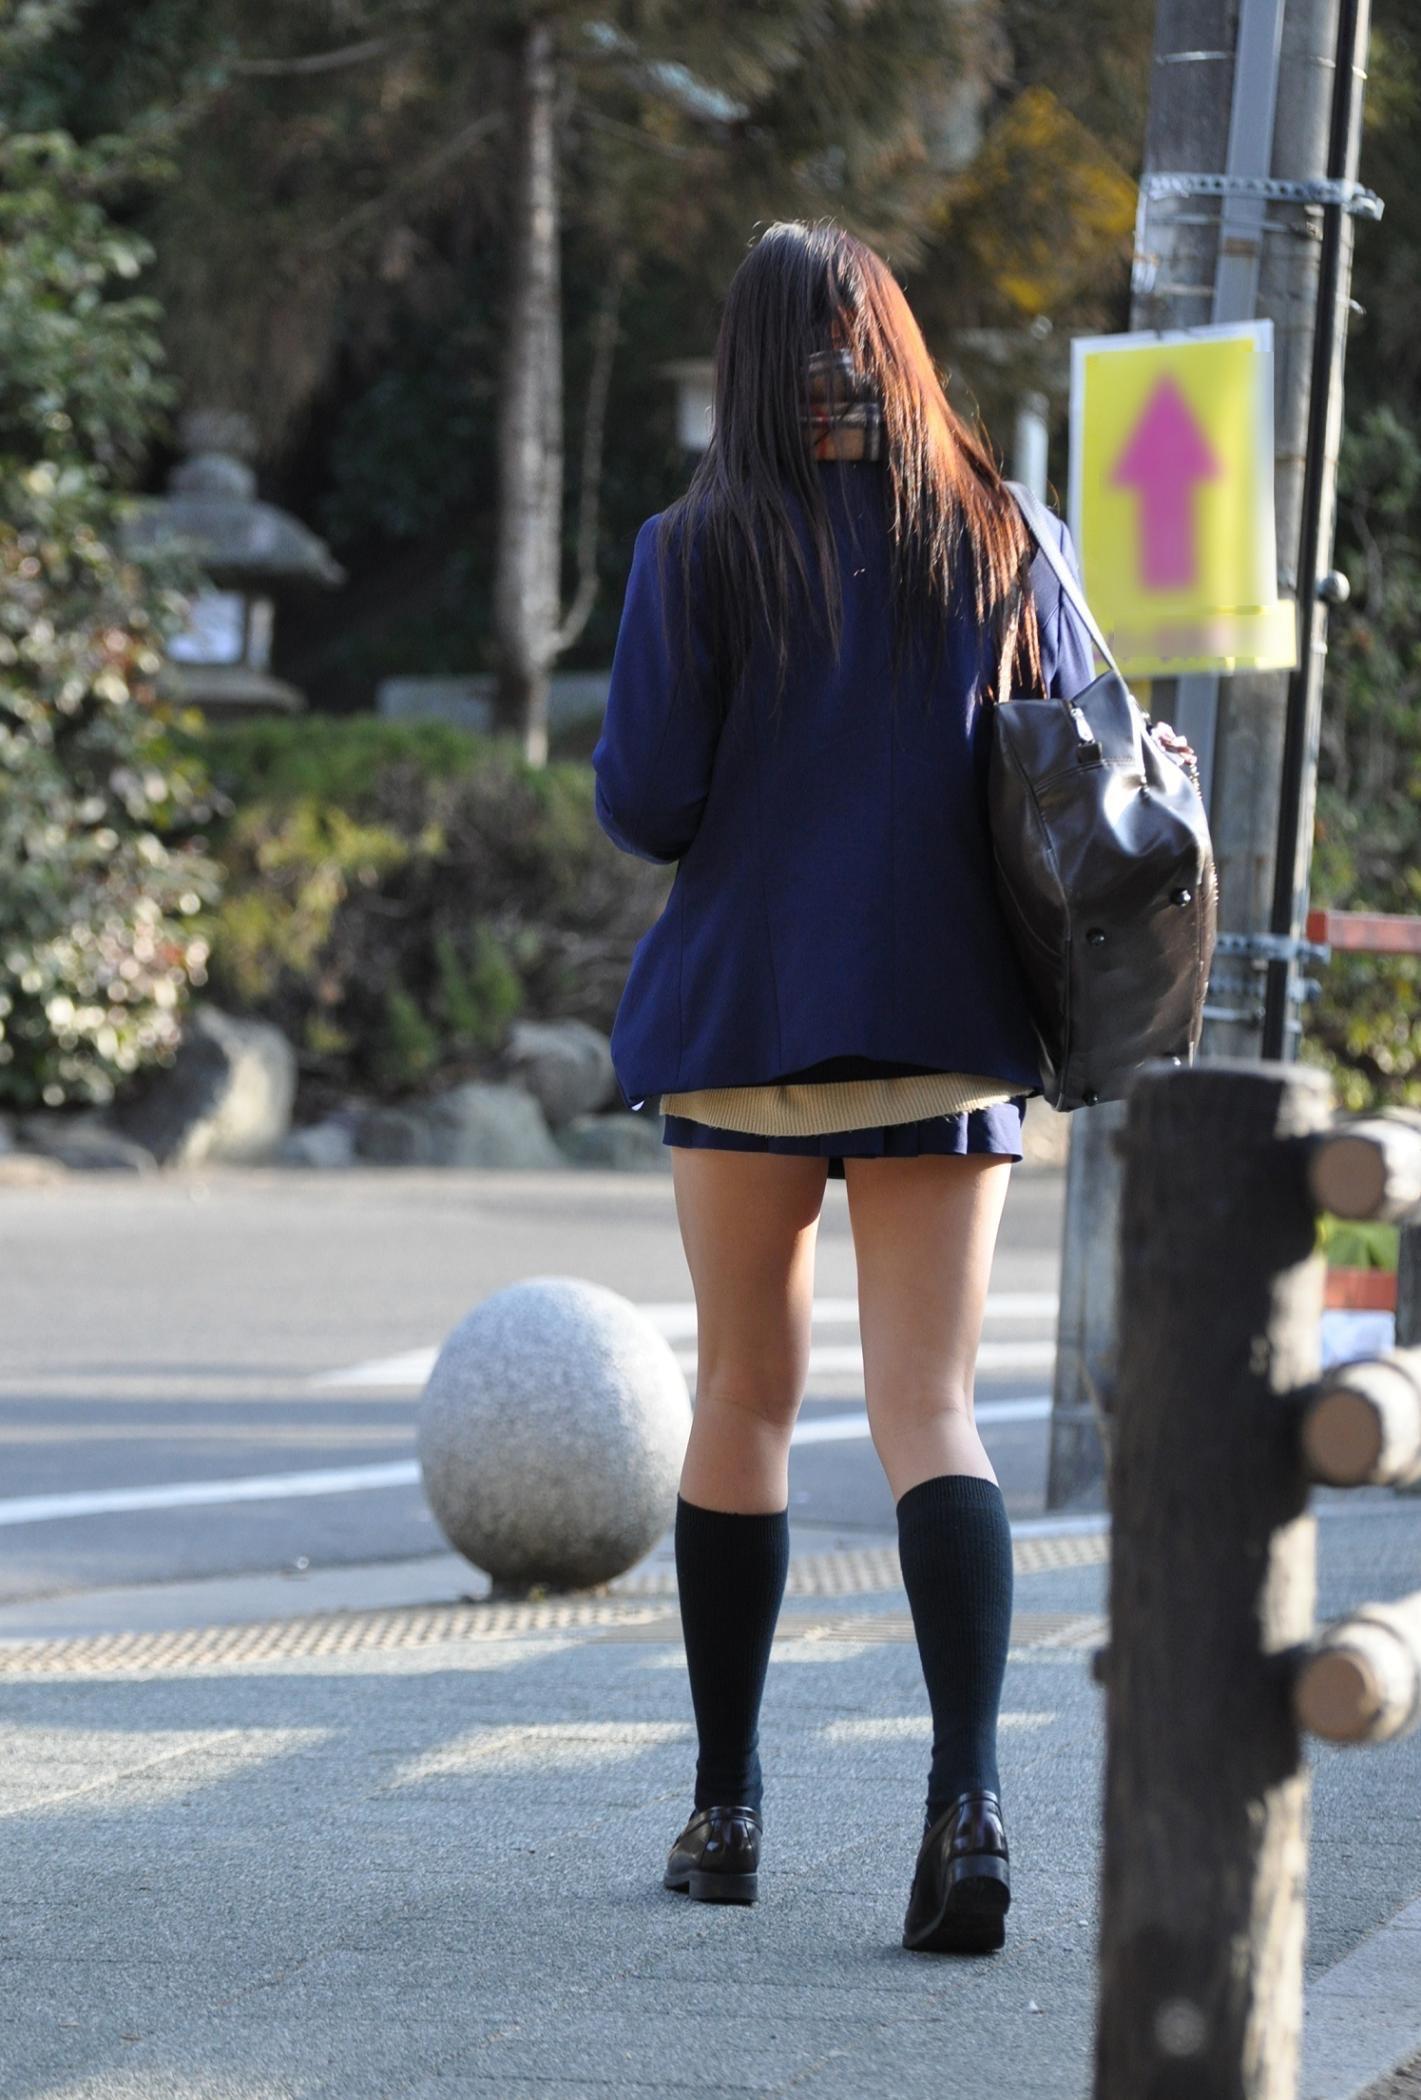 女子高生の綺麗な太もも街撮りwwwサワサワお触りしたいですwwww SKspPVz